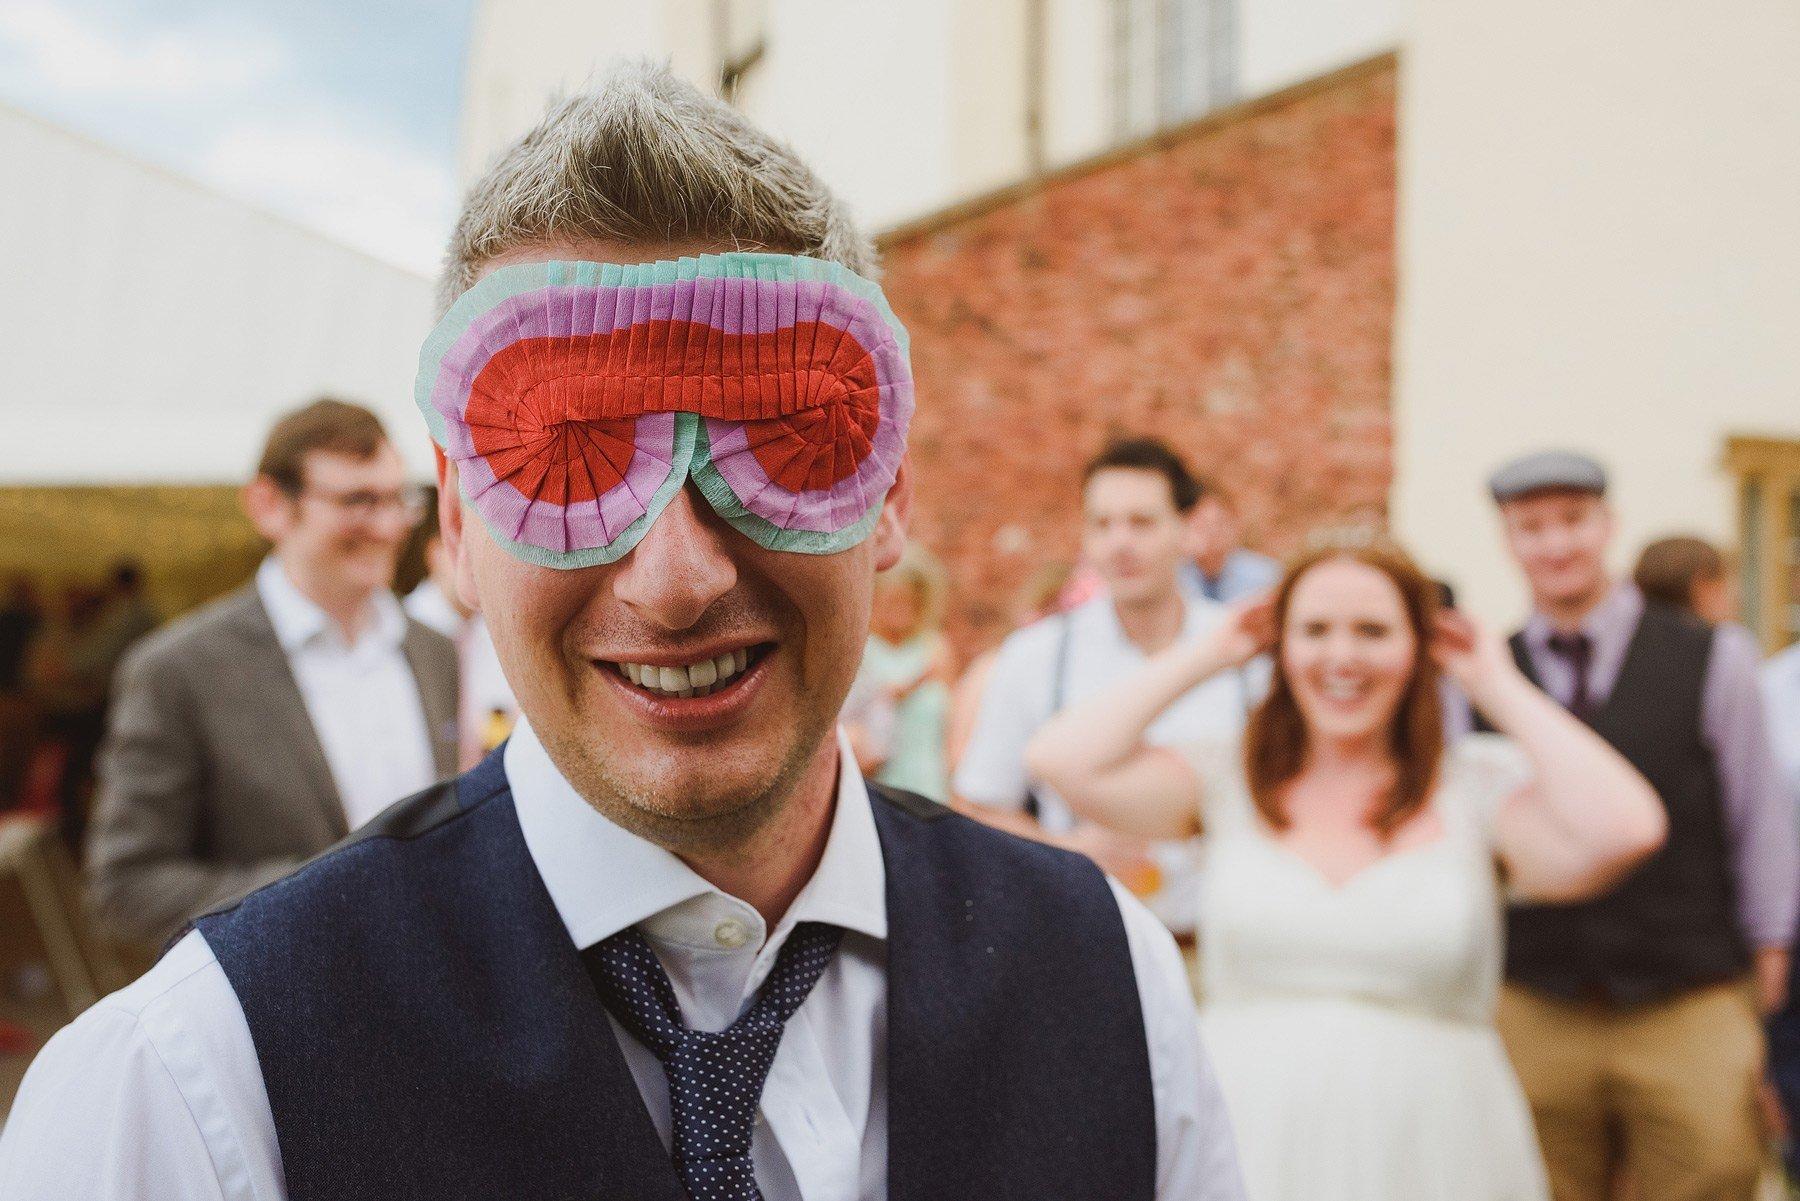 somerset weddings